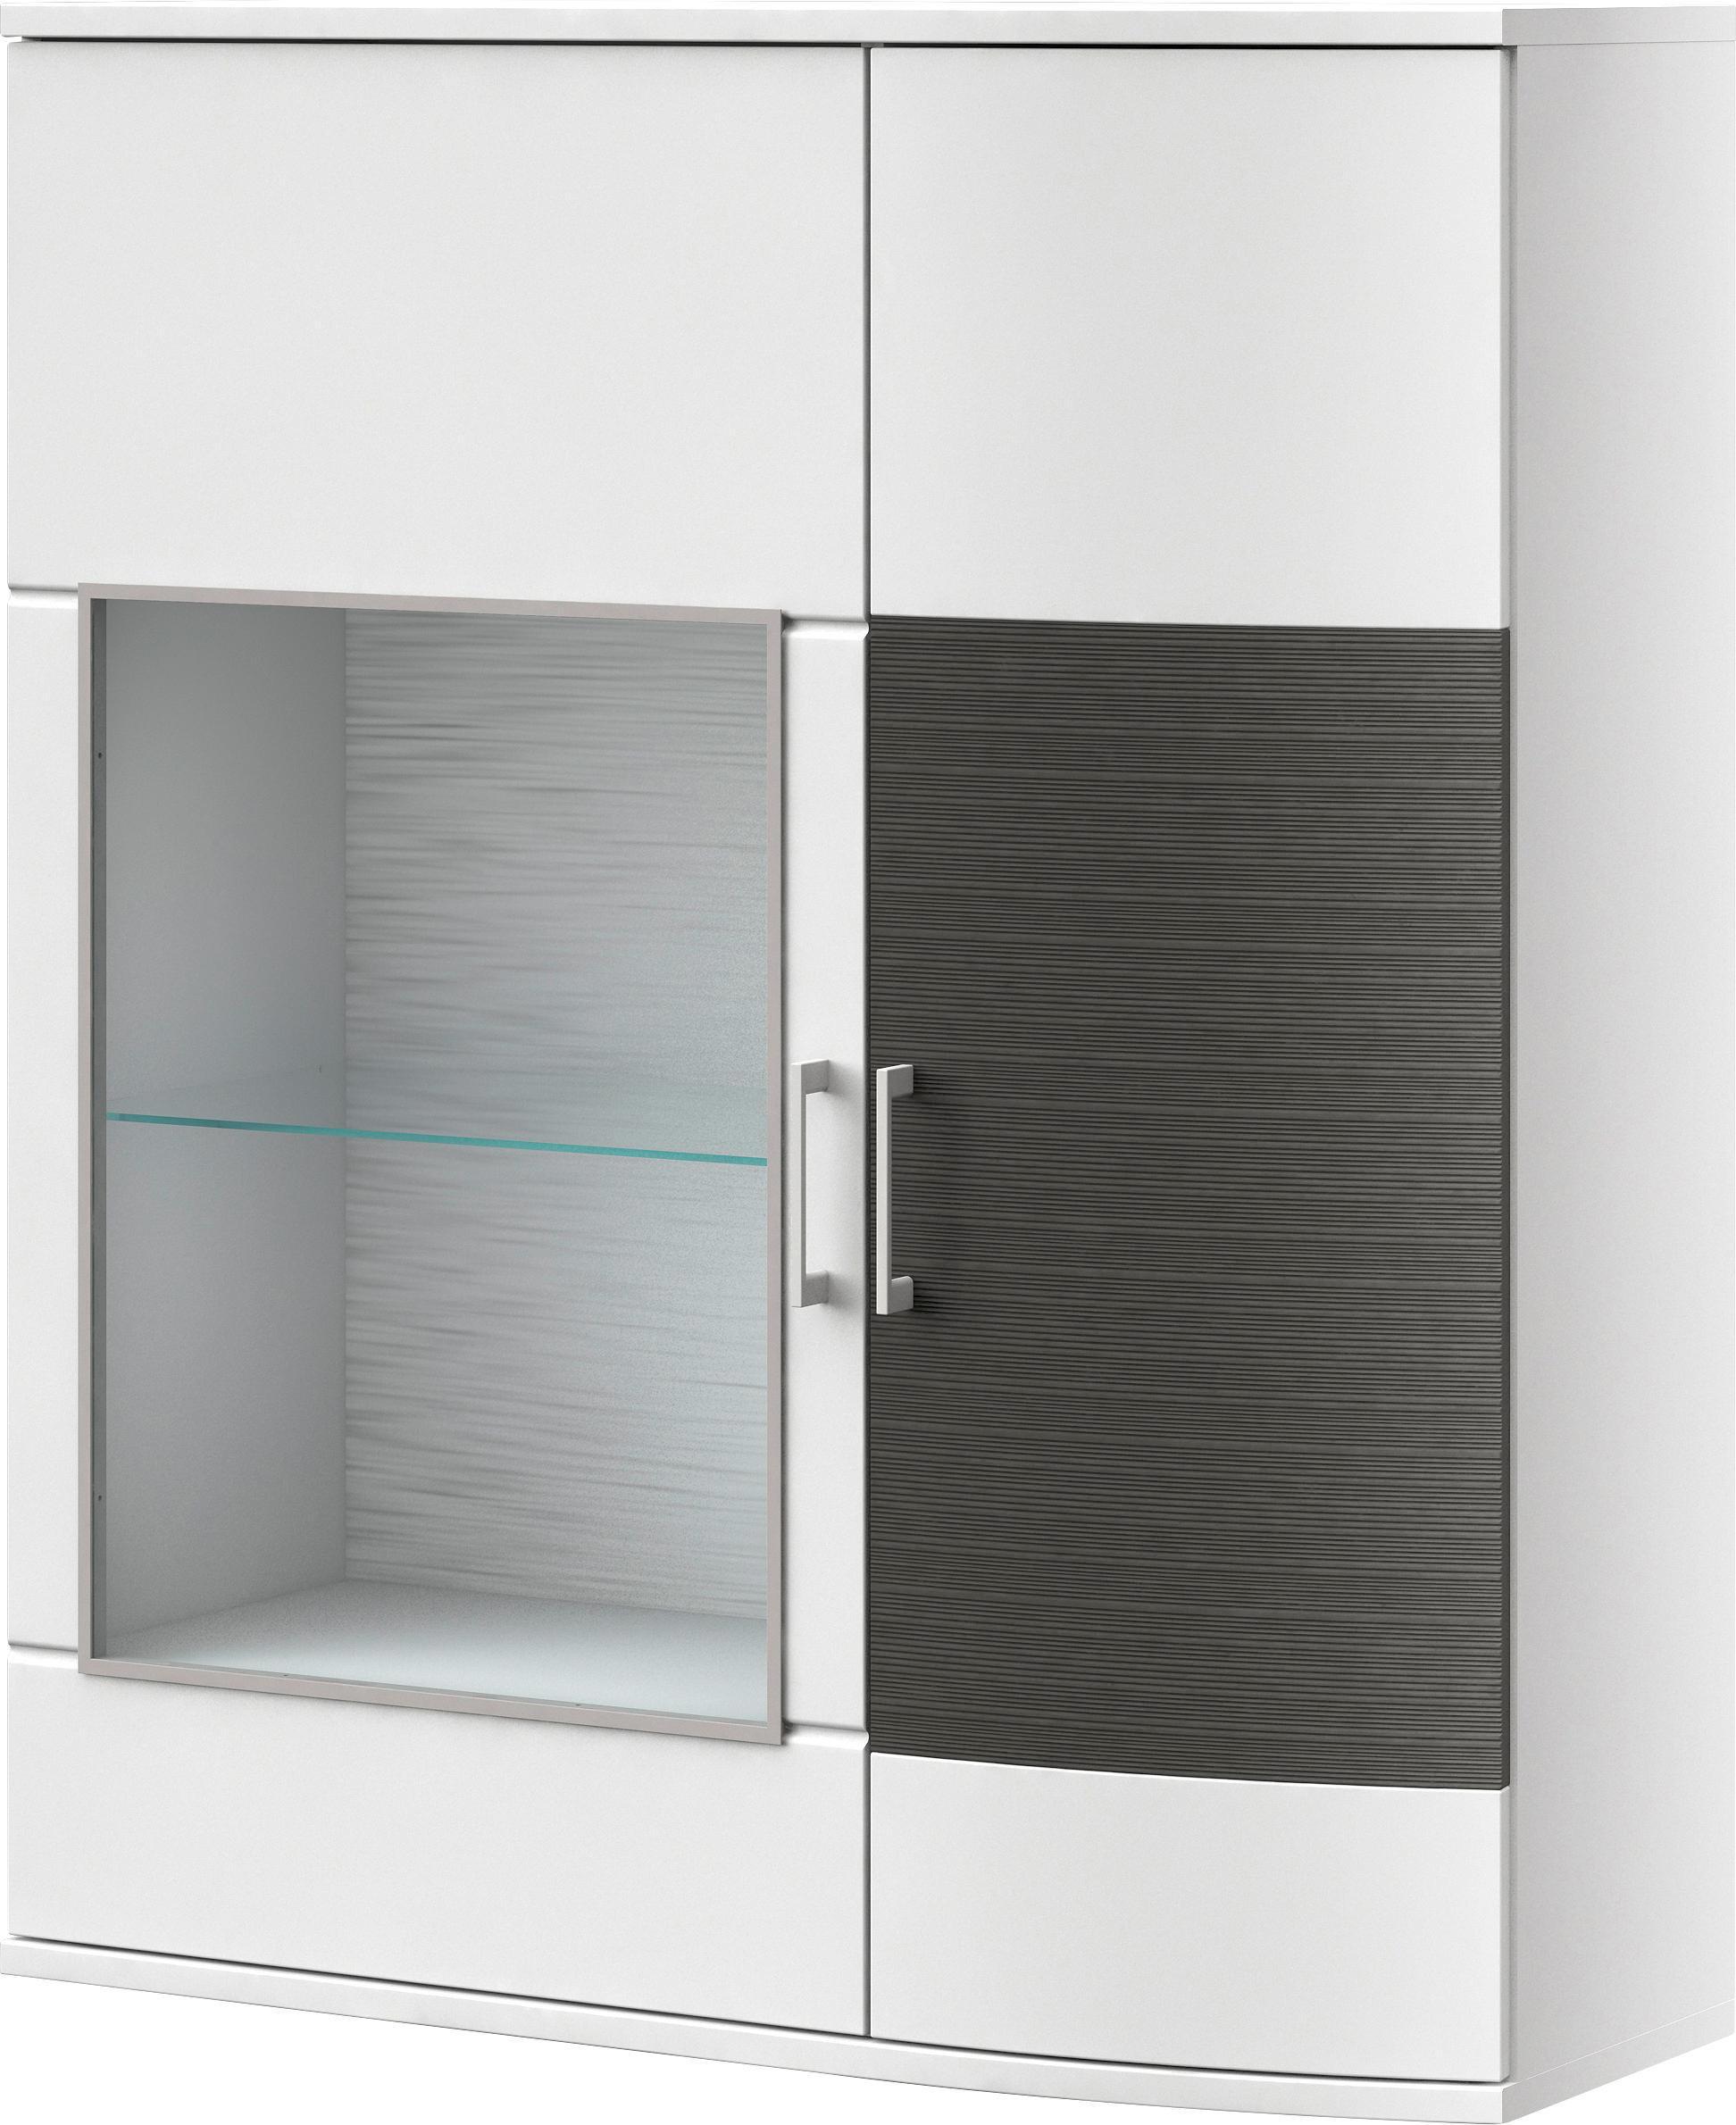 KOMMODE Graphitfarben, Weiß - Chromfarben/Graphitfarben, MODERN, Glas/Holzwerkstoff (105/127,6/40,7cm) - XORA